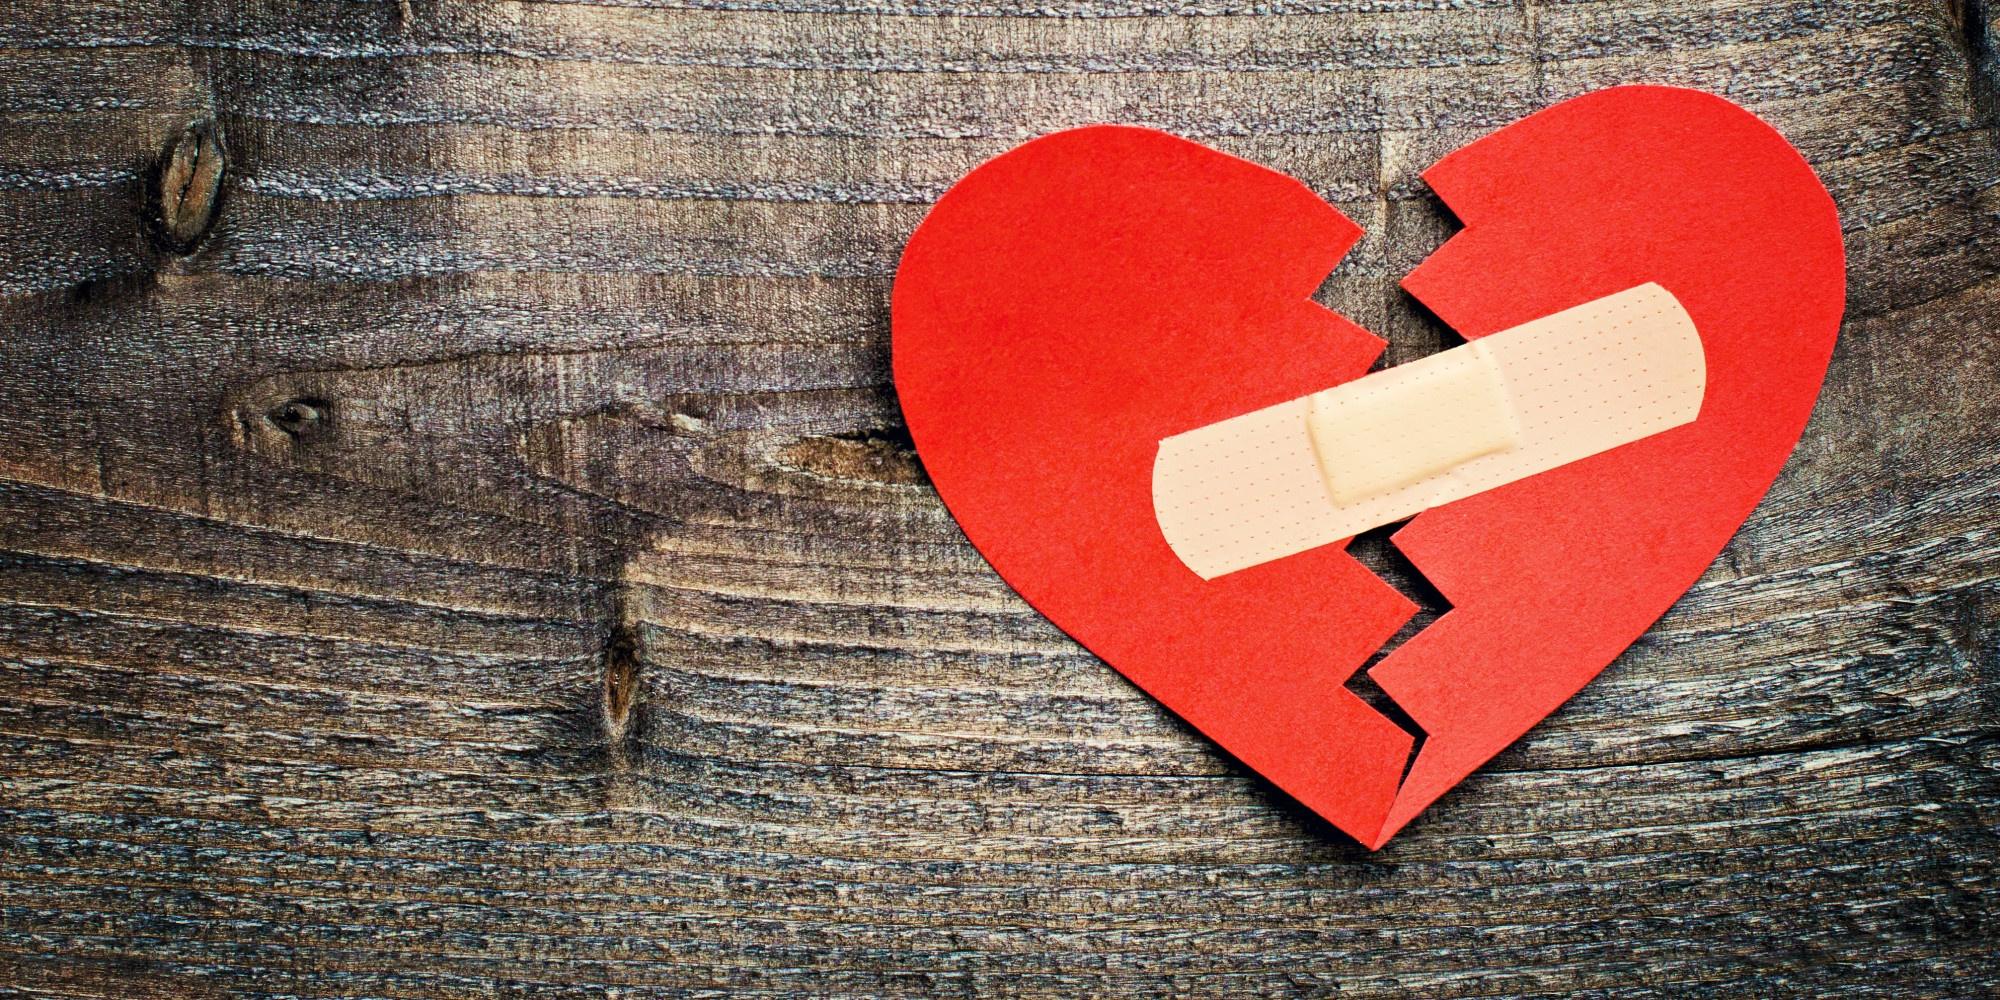 Broken Links May Break Your Heart